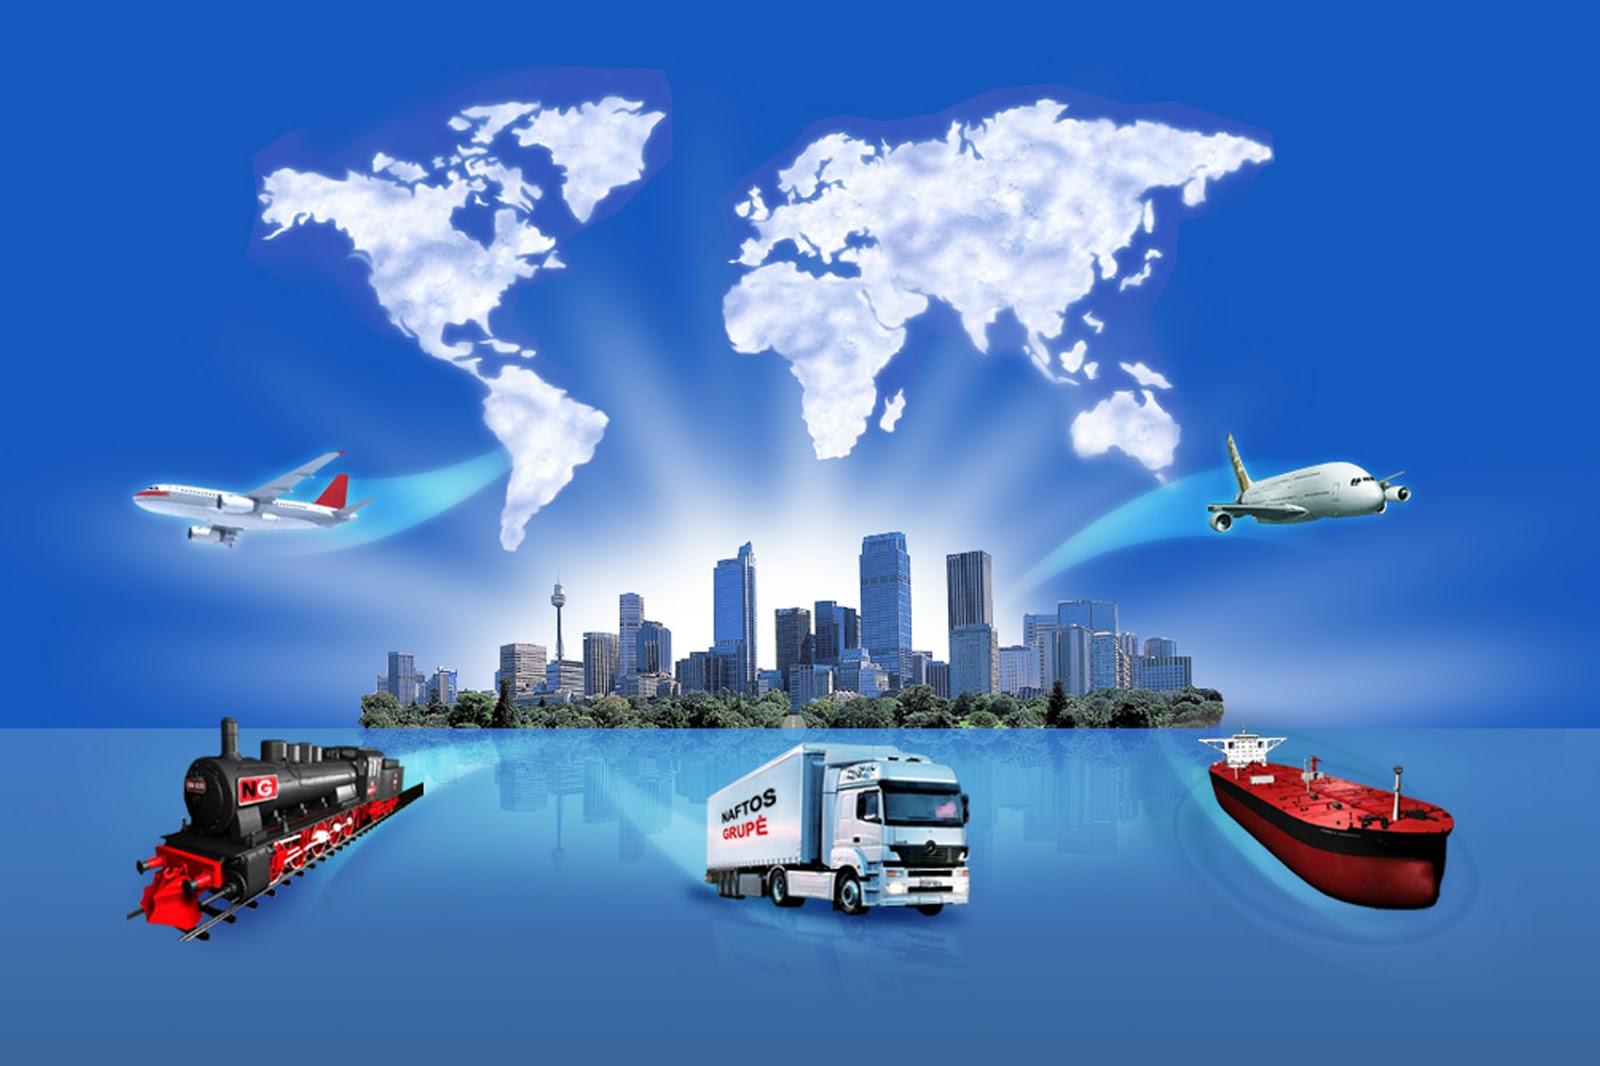 cung cấp dịch vụ gửi hồ sơ tài liệu ra nước ngoài